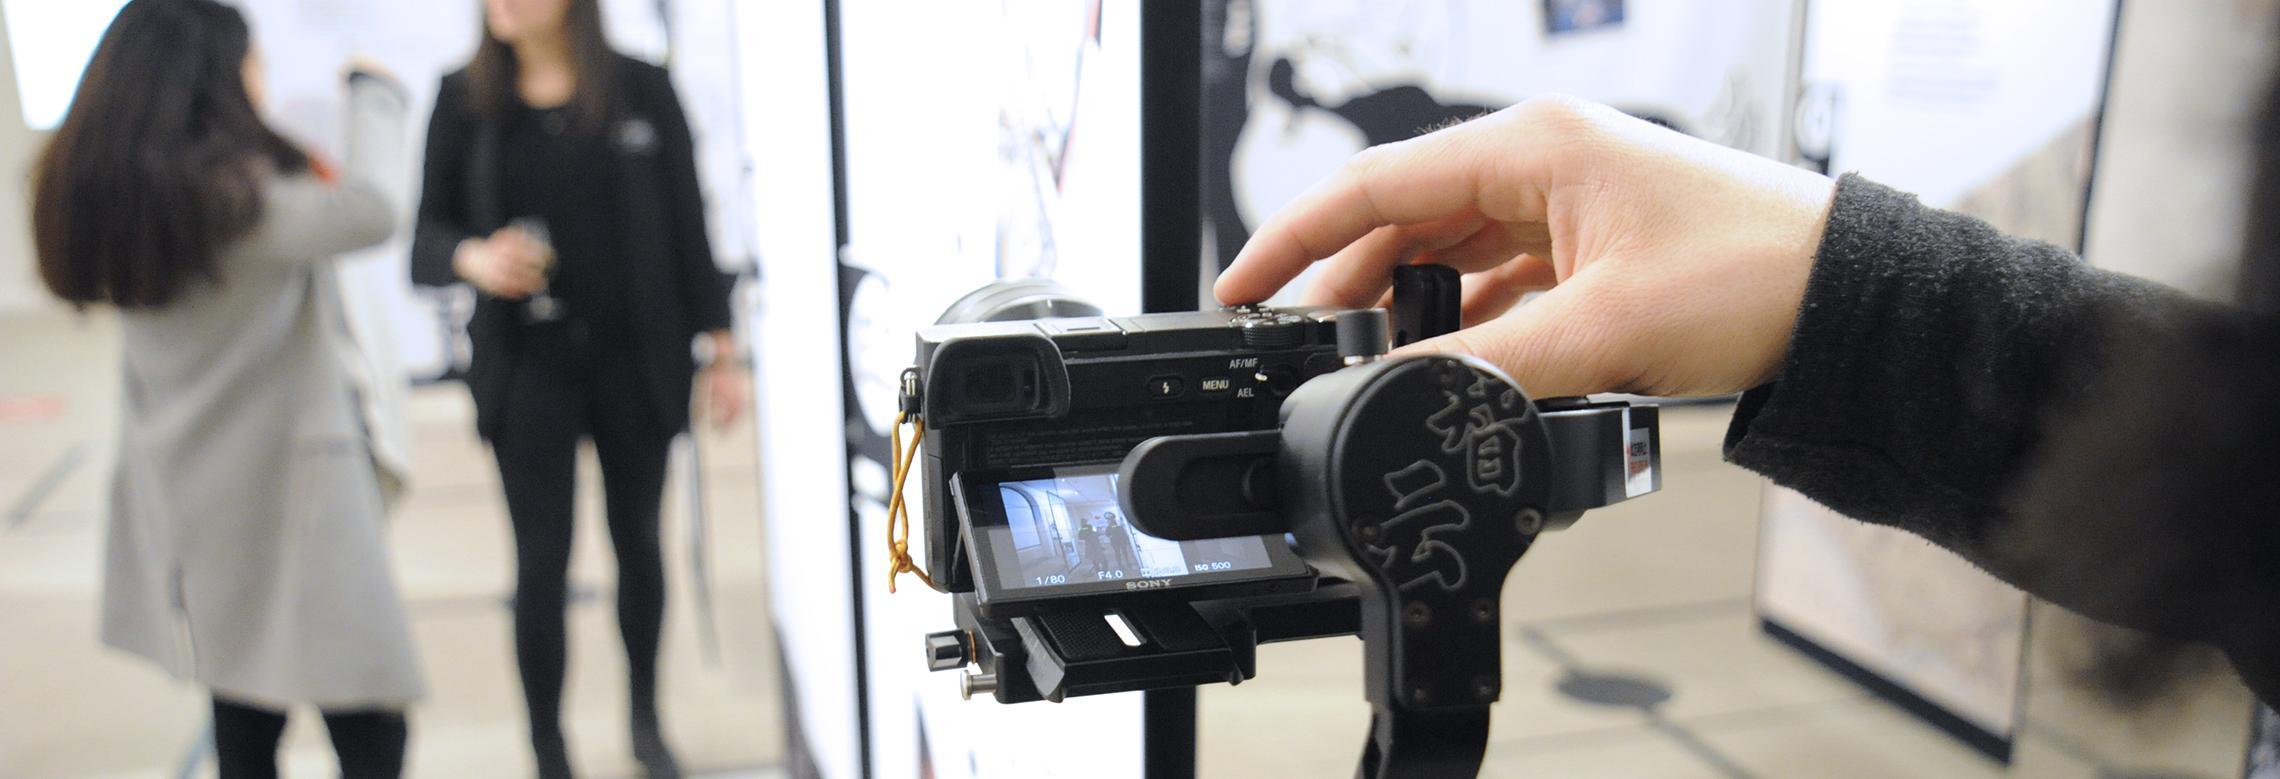 Image d'un vidéaste tournant une vidéo à deux personnes